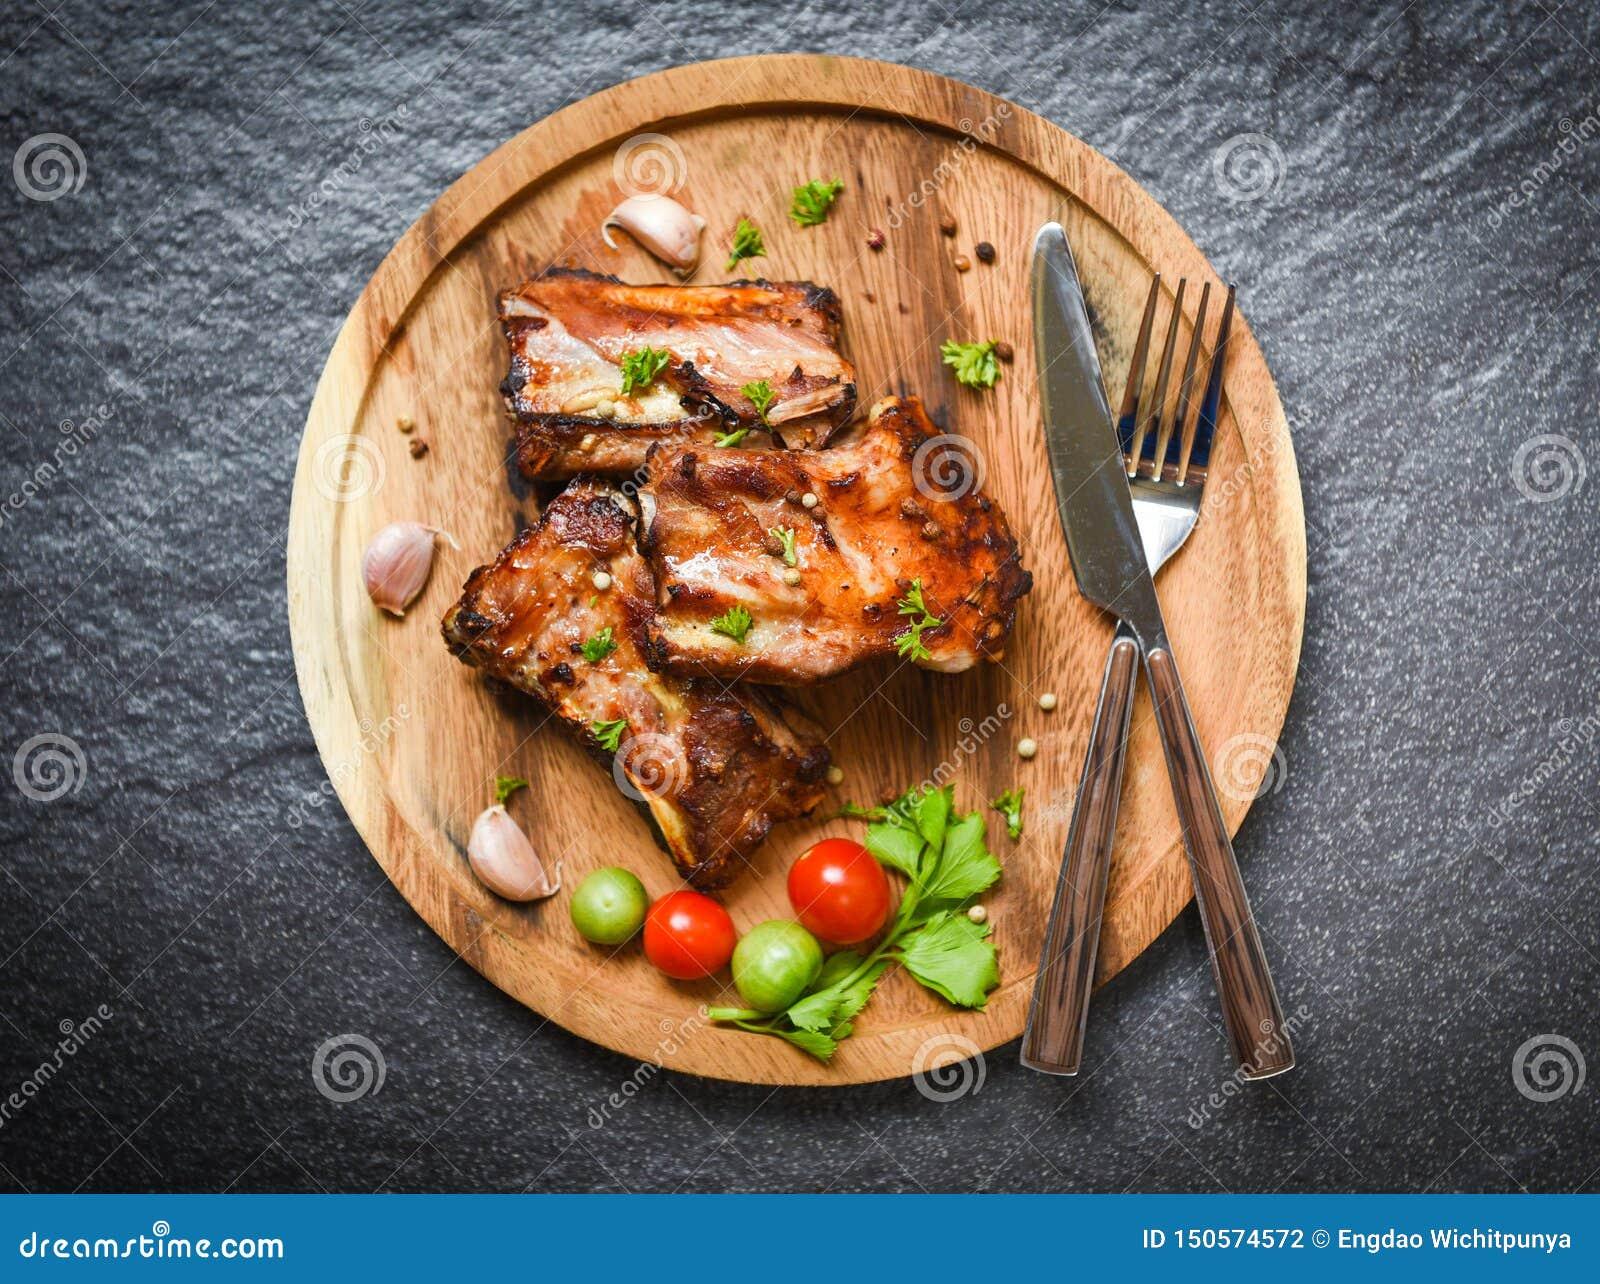 Reforços de carne de porco do BBQ grelhados com ervas e especiarias dos tomates na bandeja de madeira - a entrecosto de porco de